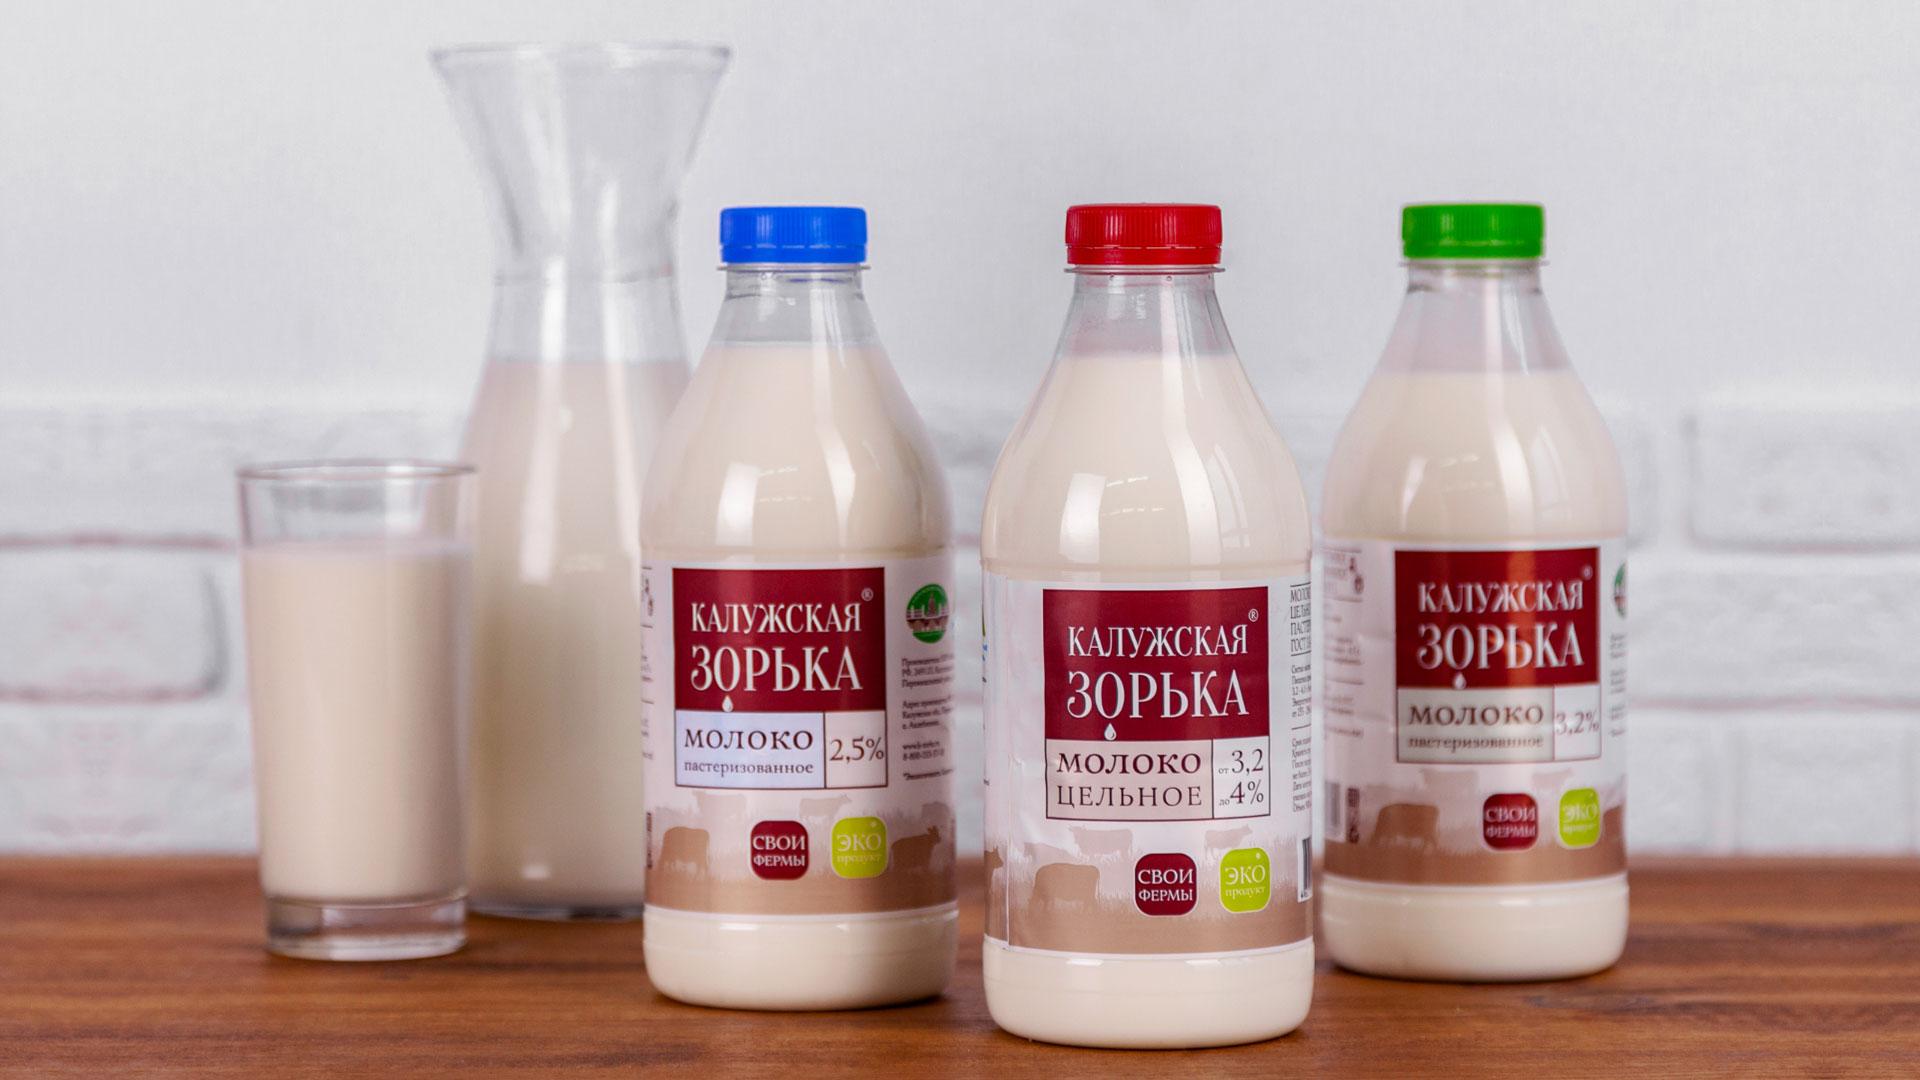 Натуральные молочные продукты Калужская зорька